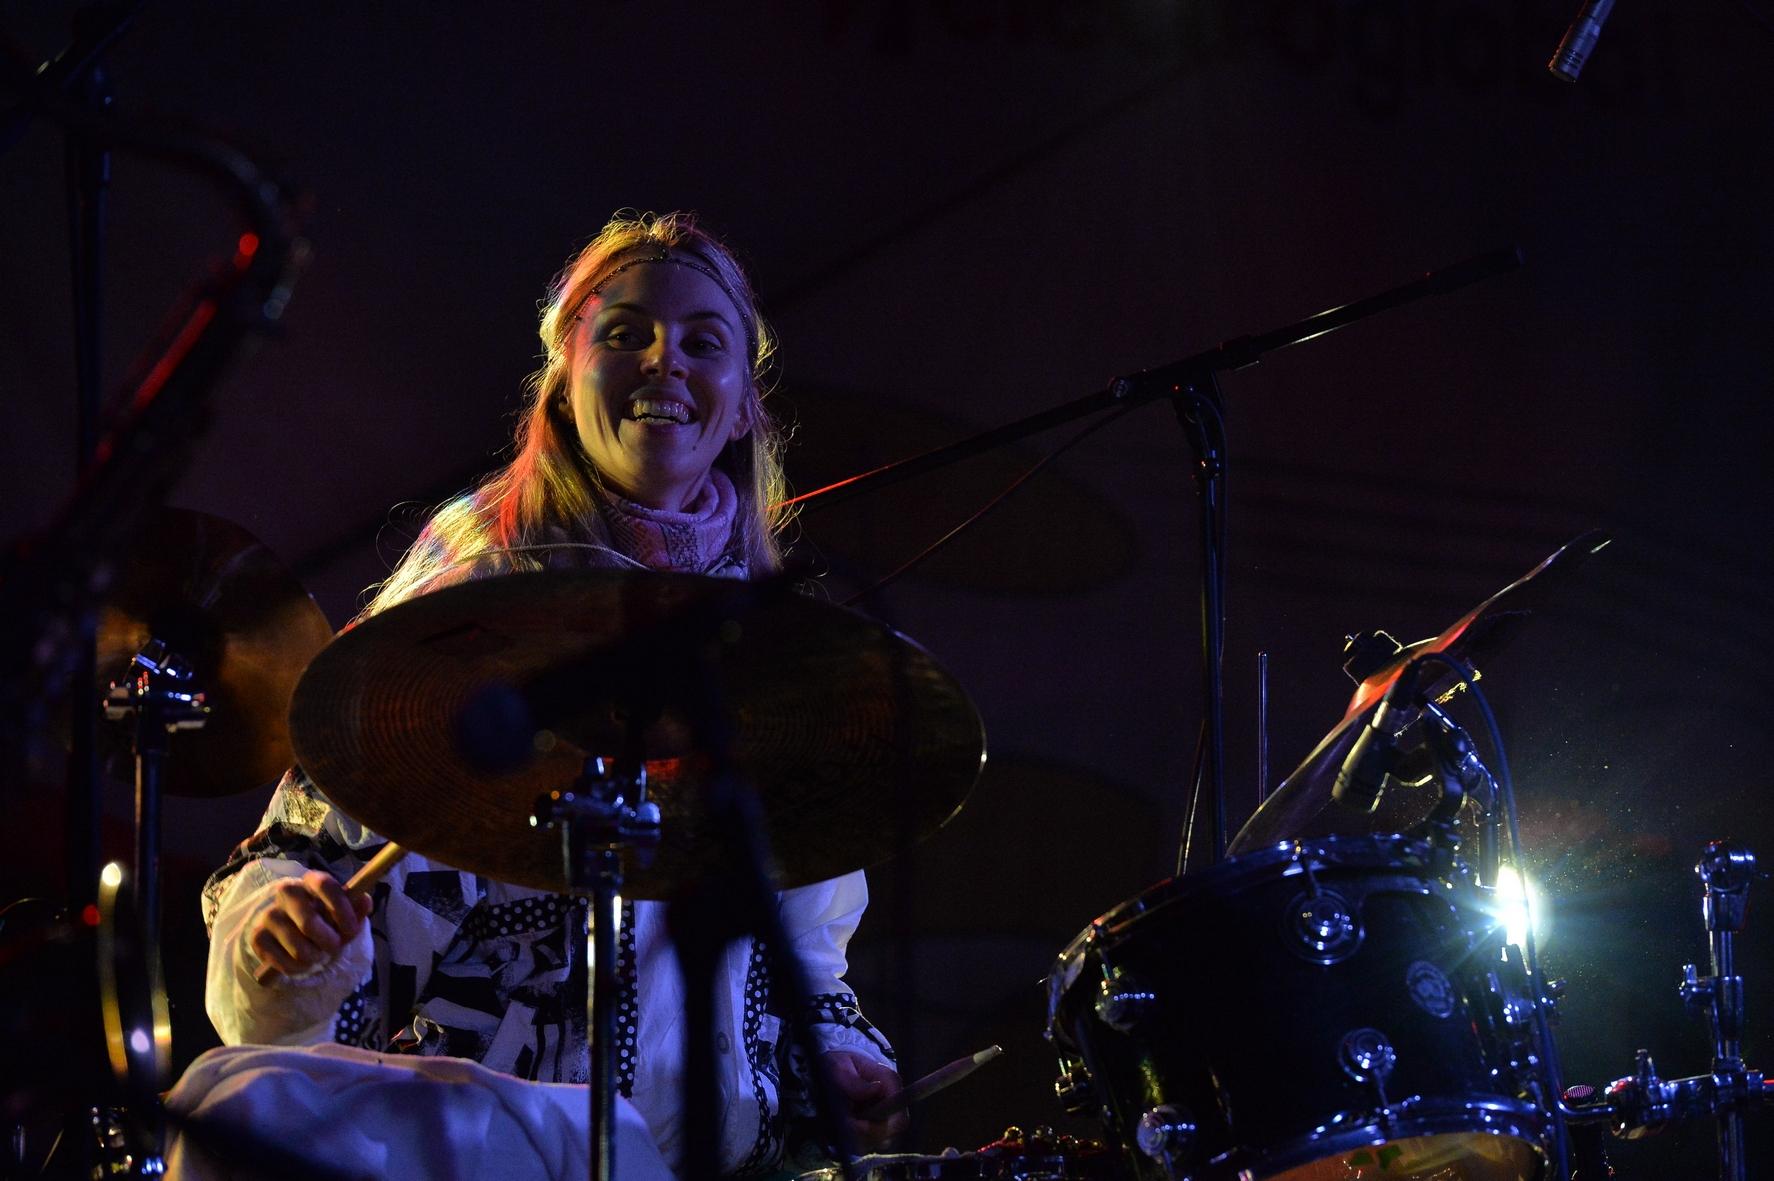 Siv Yunn Kjenstad at Smida Jazz Festival 2017